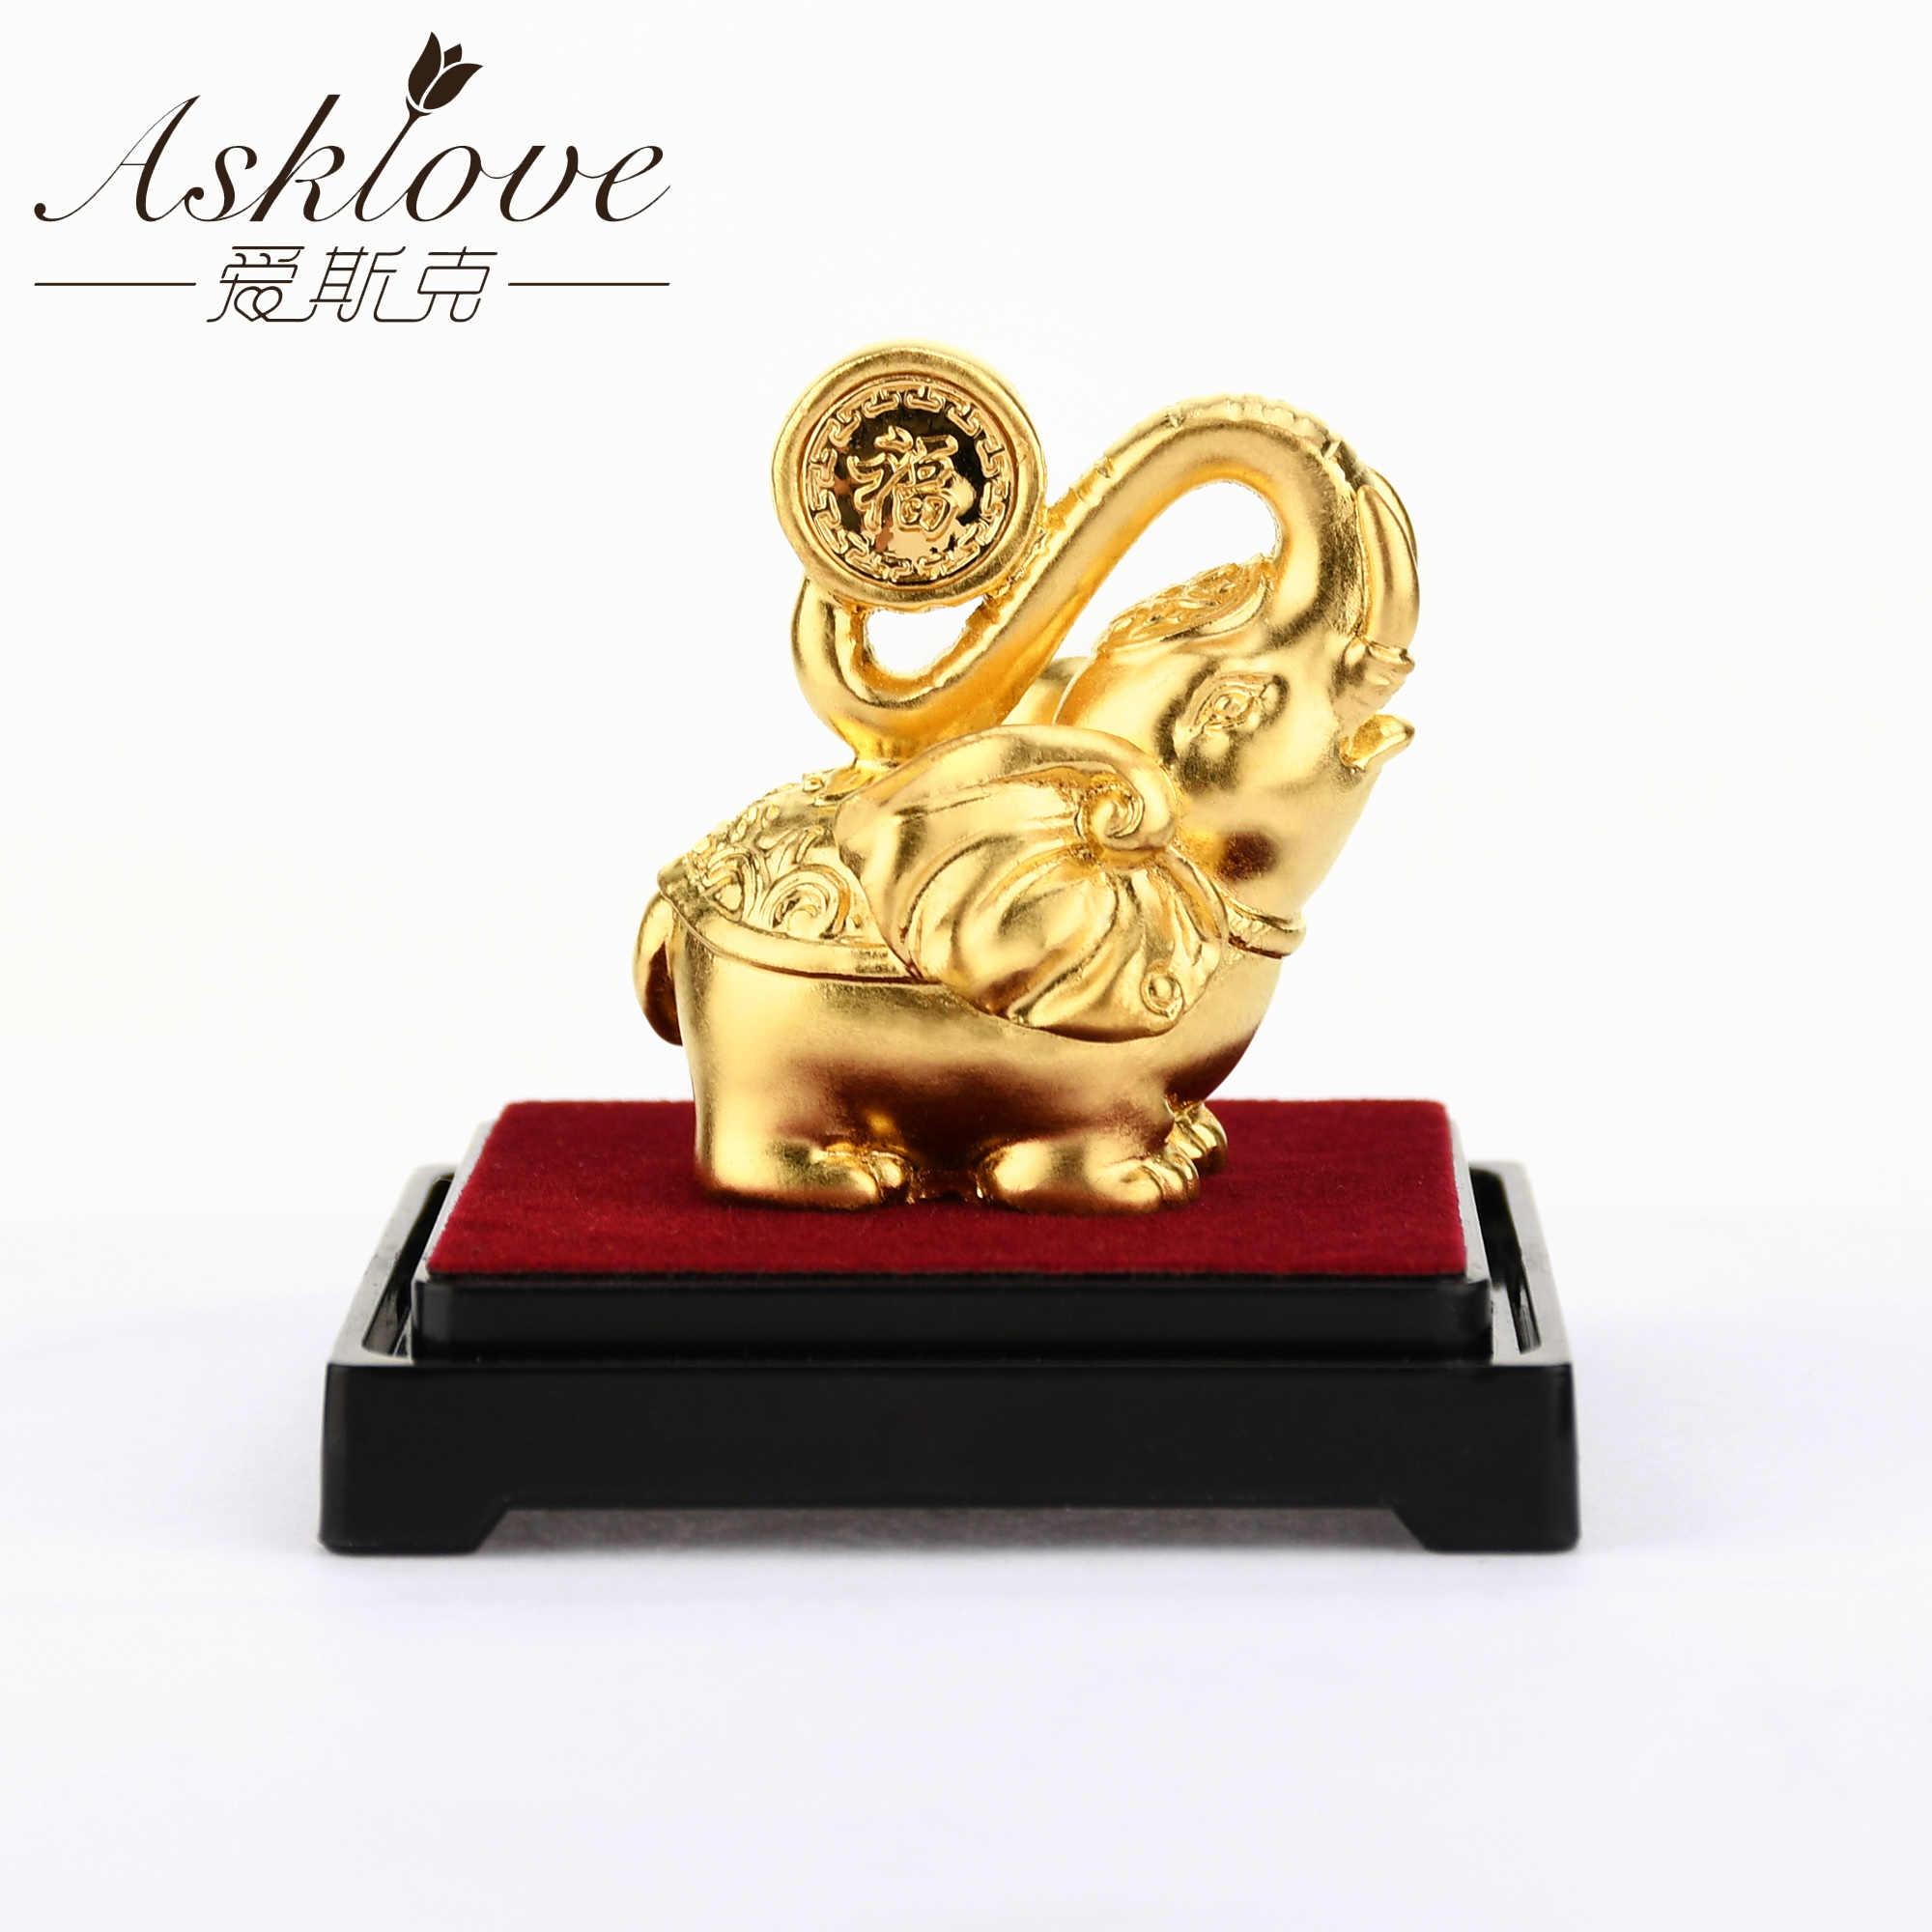 Fortunato Elefante Feng Shui decor 24K Lamina D'oro Elephant Statue Figurine Ufficio Ornamento Artigianato Raccogliere Ricchezza Home Office Decor